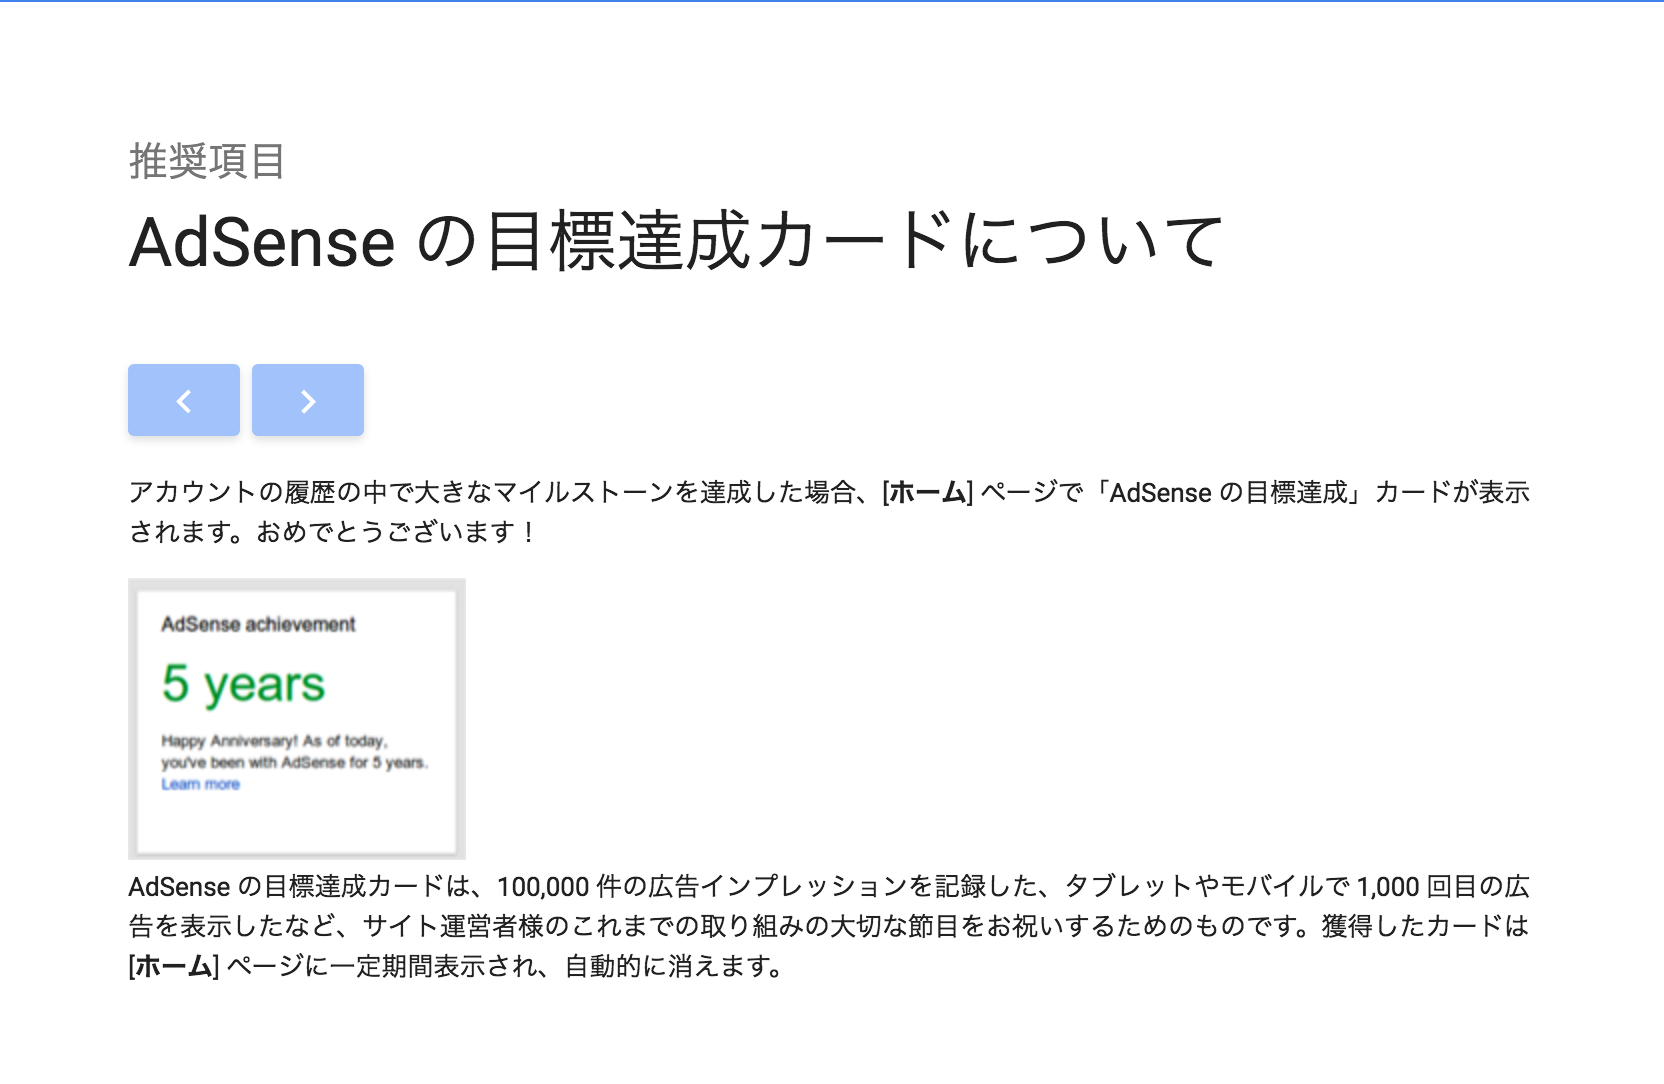 adosenseka-doshousai